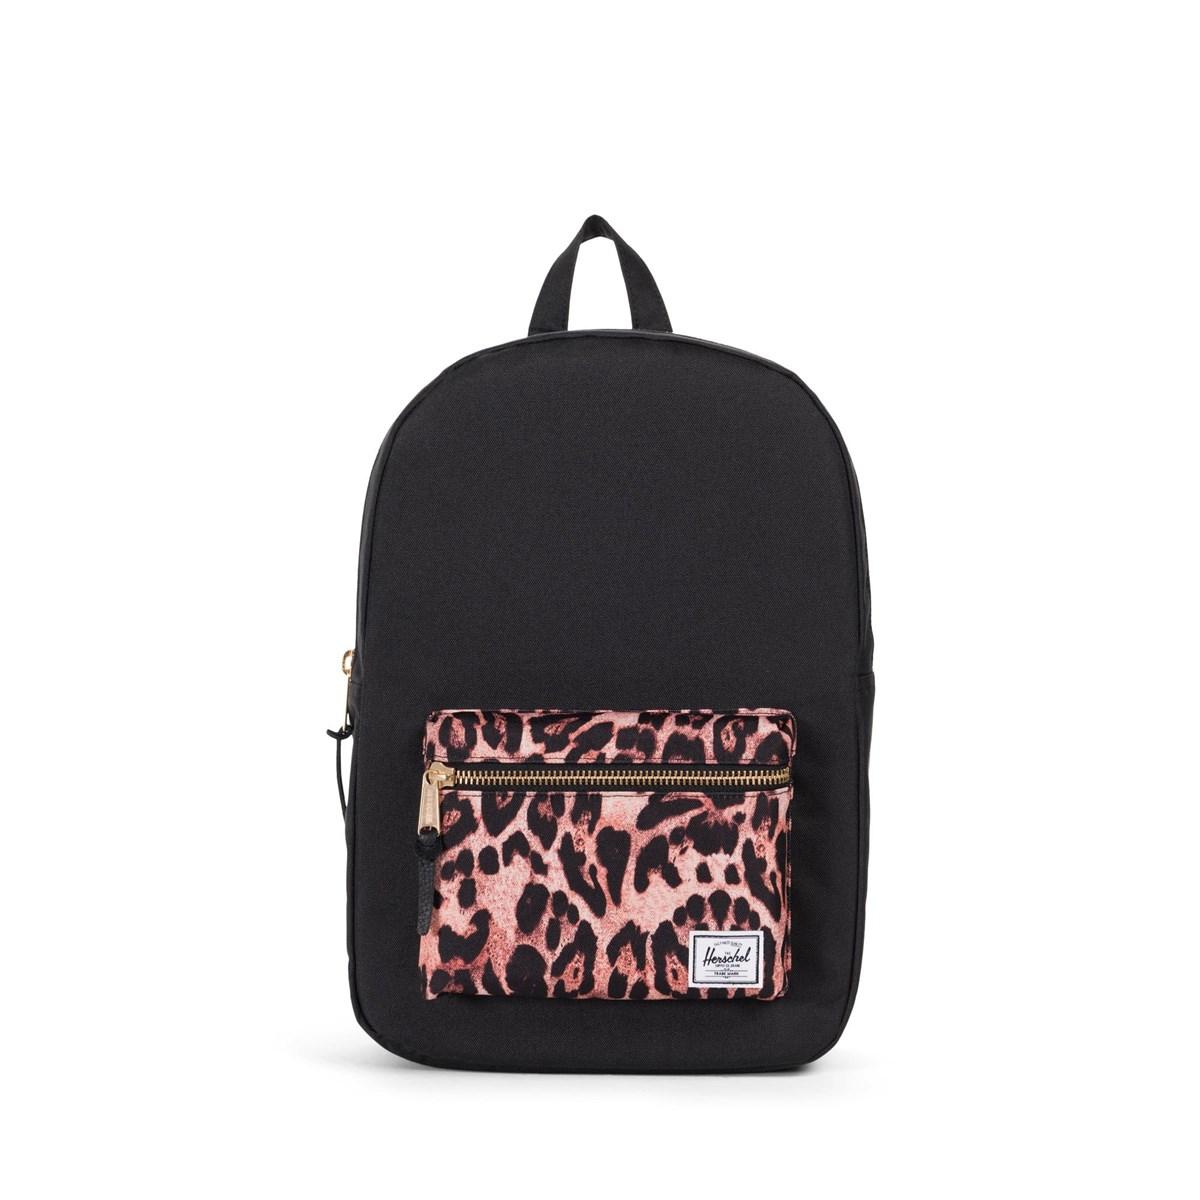 Settlement Mid Volume Backpack in Black